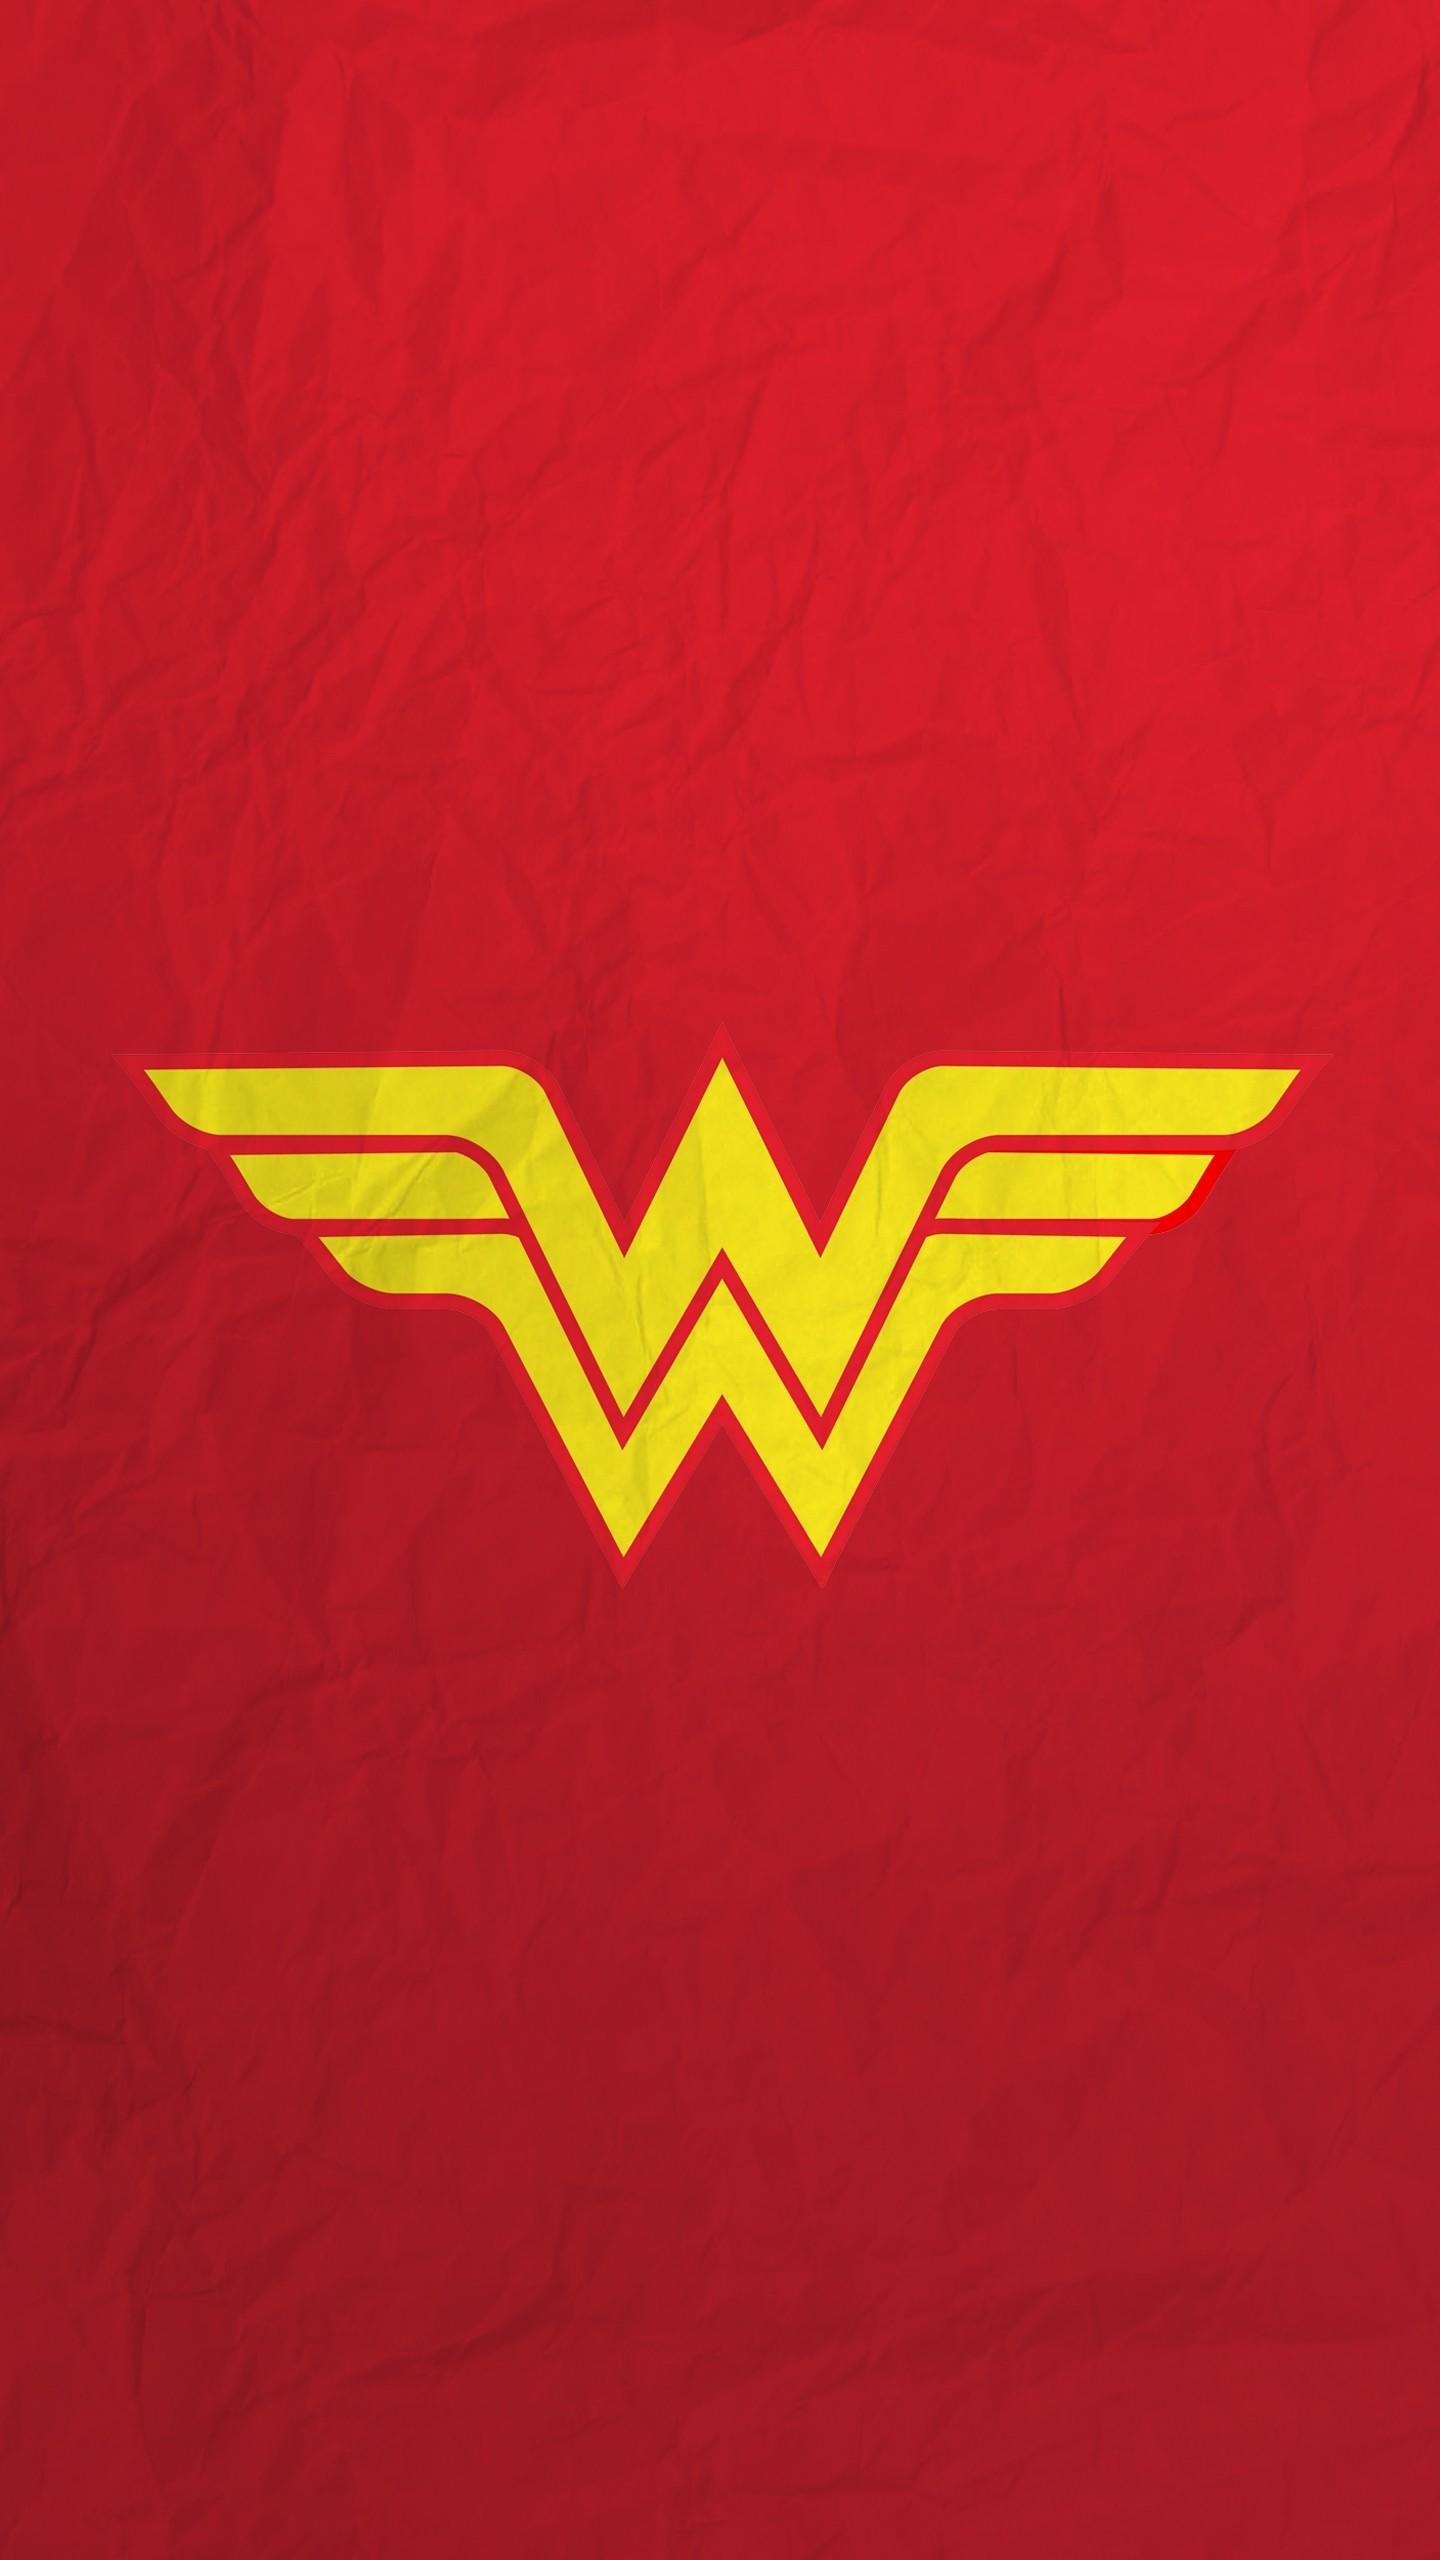 Res: 1440x2560, Superhero Wallpaper 09  380x676